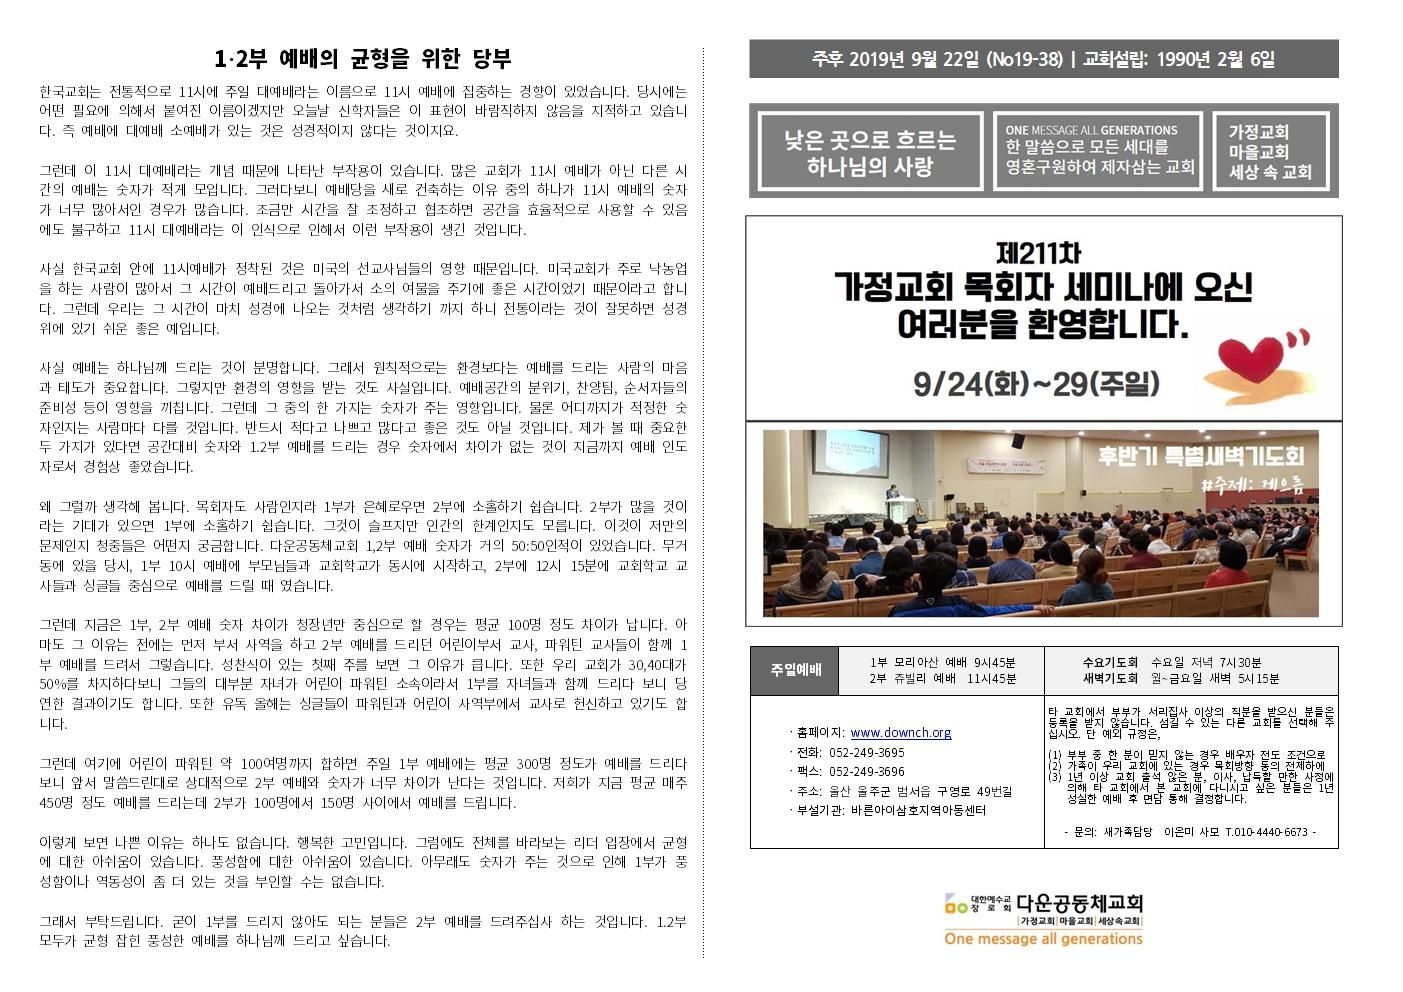 001_구영리교회주보_2019_09-10월007.jpg